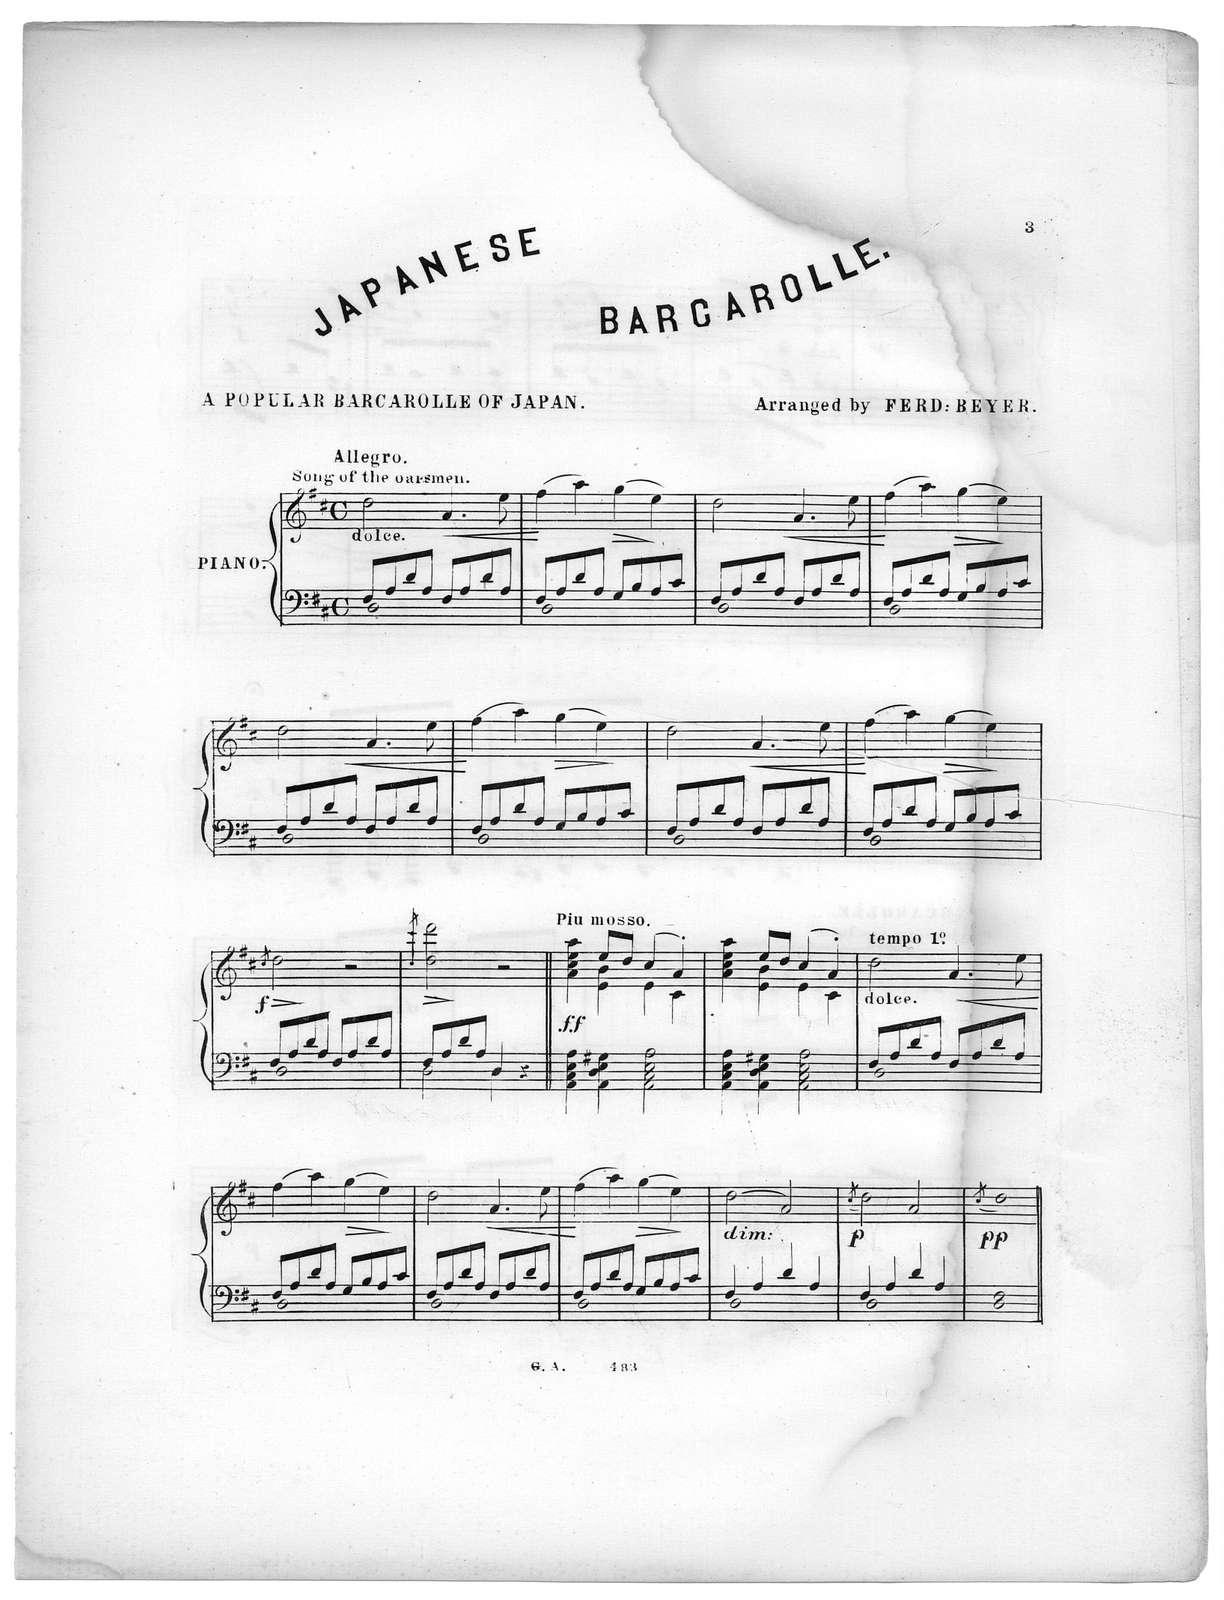 Japanese barcarolle